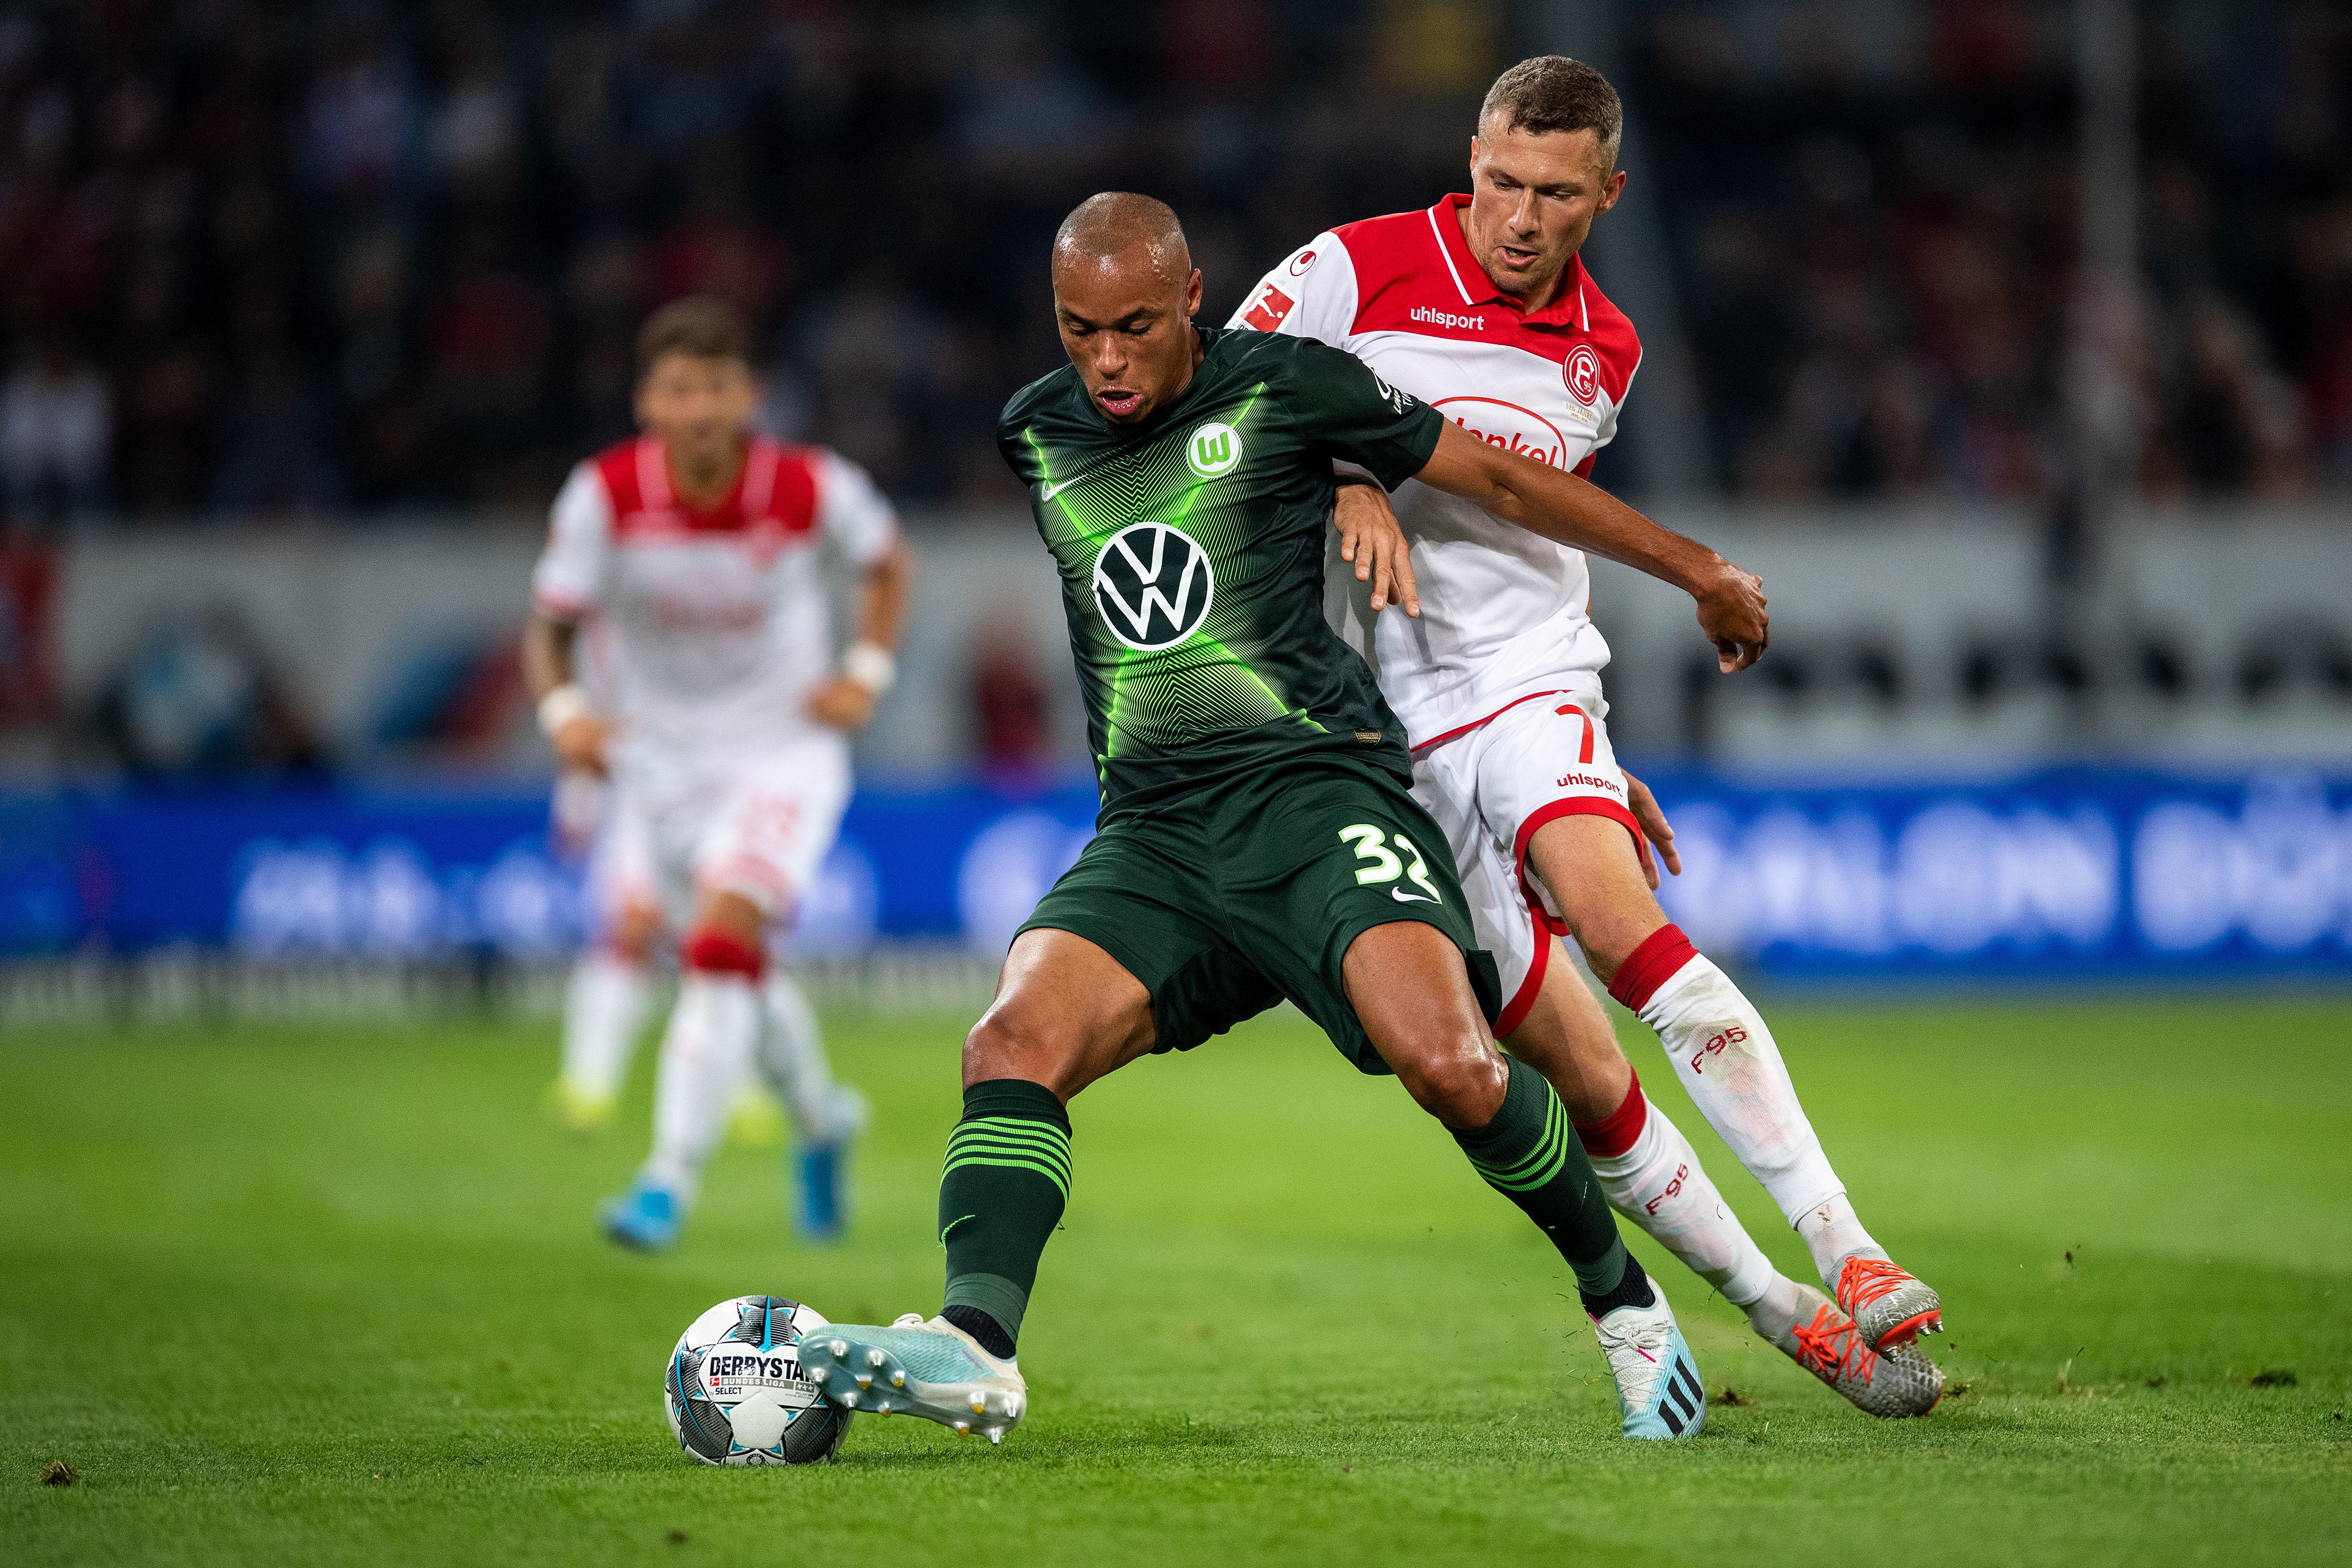 Смотреть футбол прямая трансляция гамбург вольфсбург